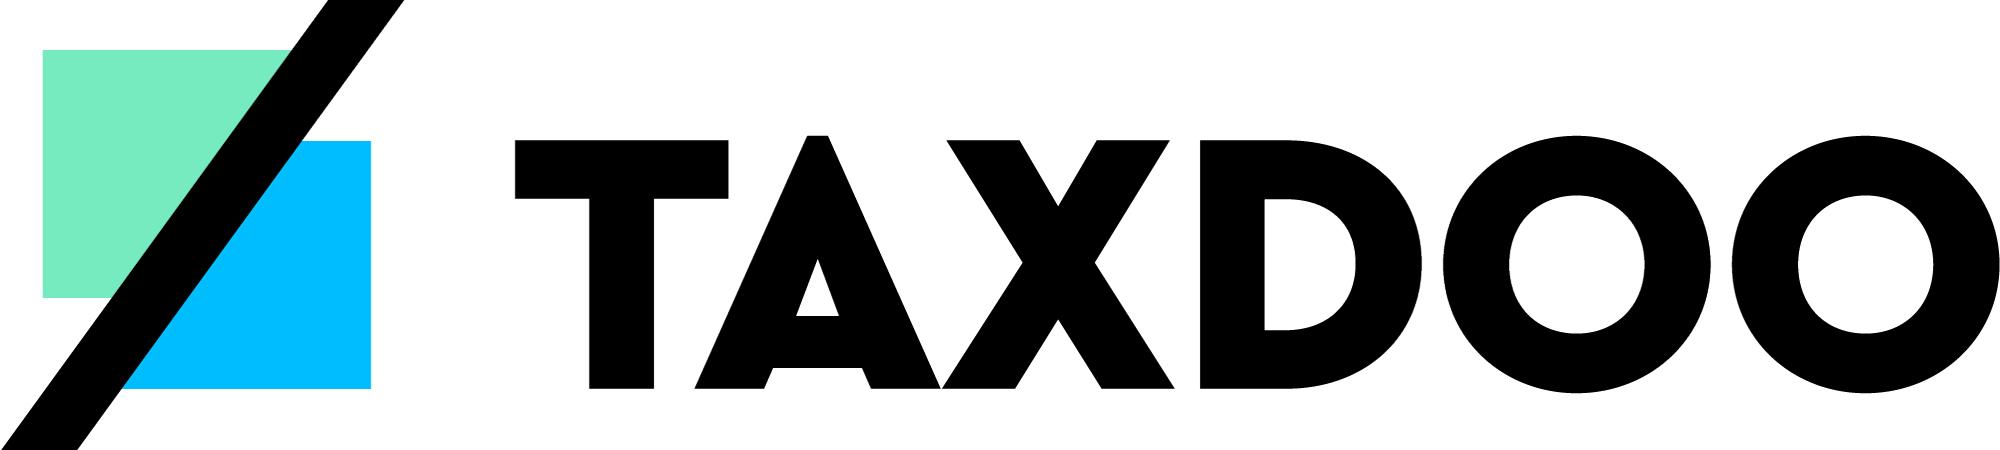 Taxdoo company logo